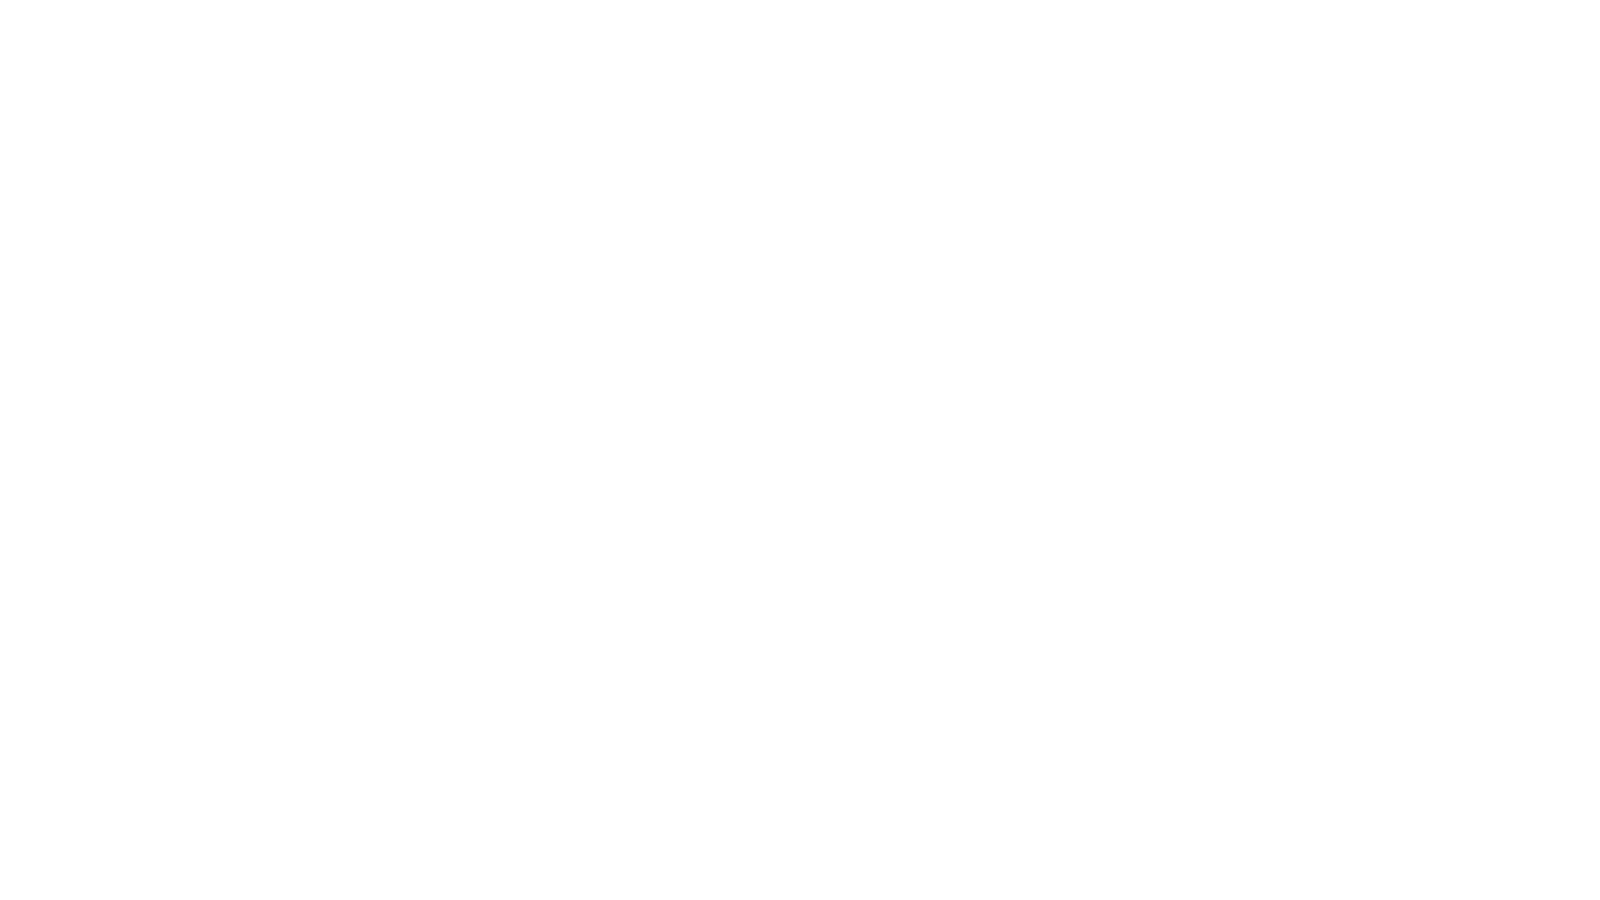 Maratona Elezioni Amministrative 2021 Ruvo di Puglia  - E' esclusa ogni riproduzione o uso differente dagli scopi del video.  I copyright appartengono a ruvesi.it!